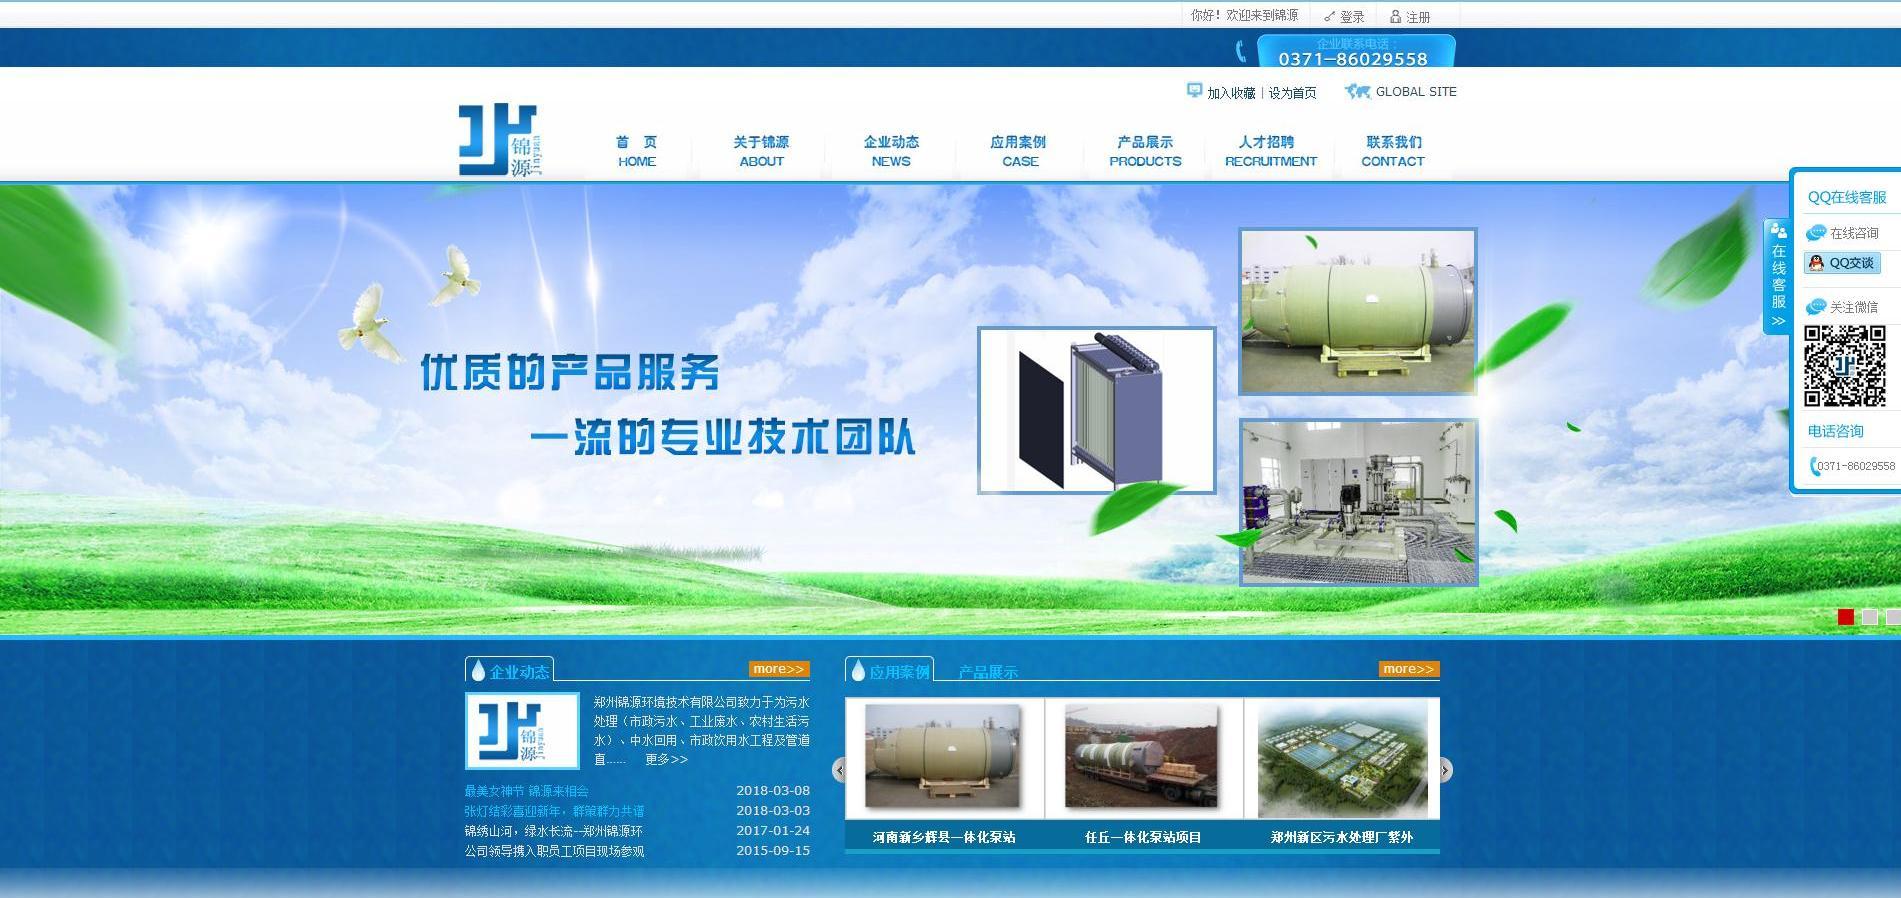 郑州ope官方ope官方ope官方网站下载下载下载设计案例展示